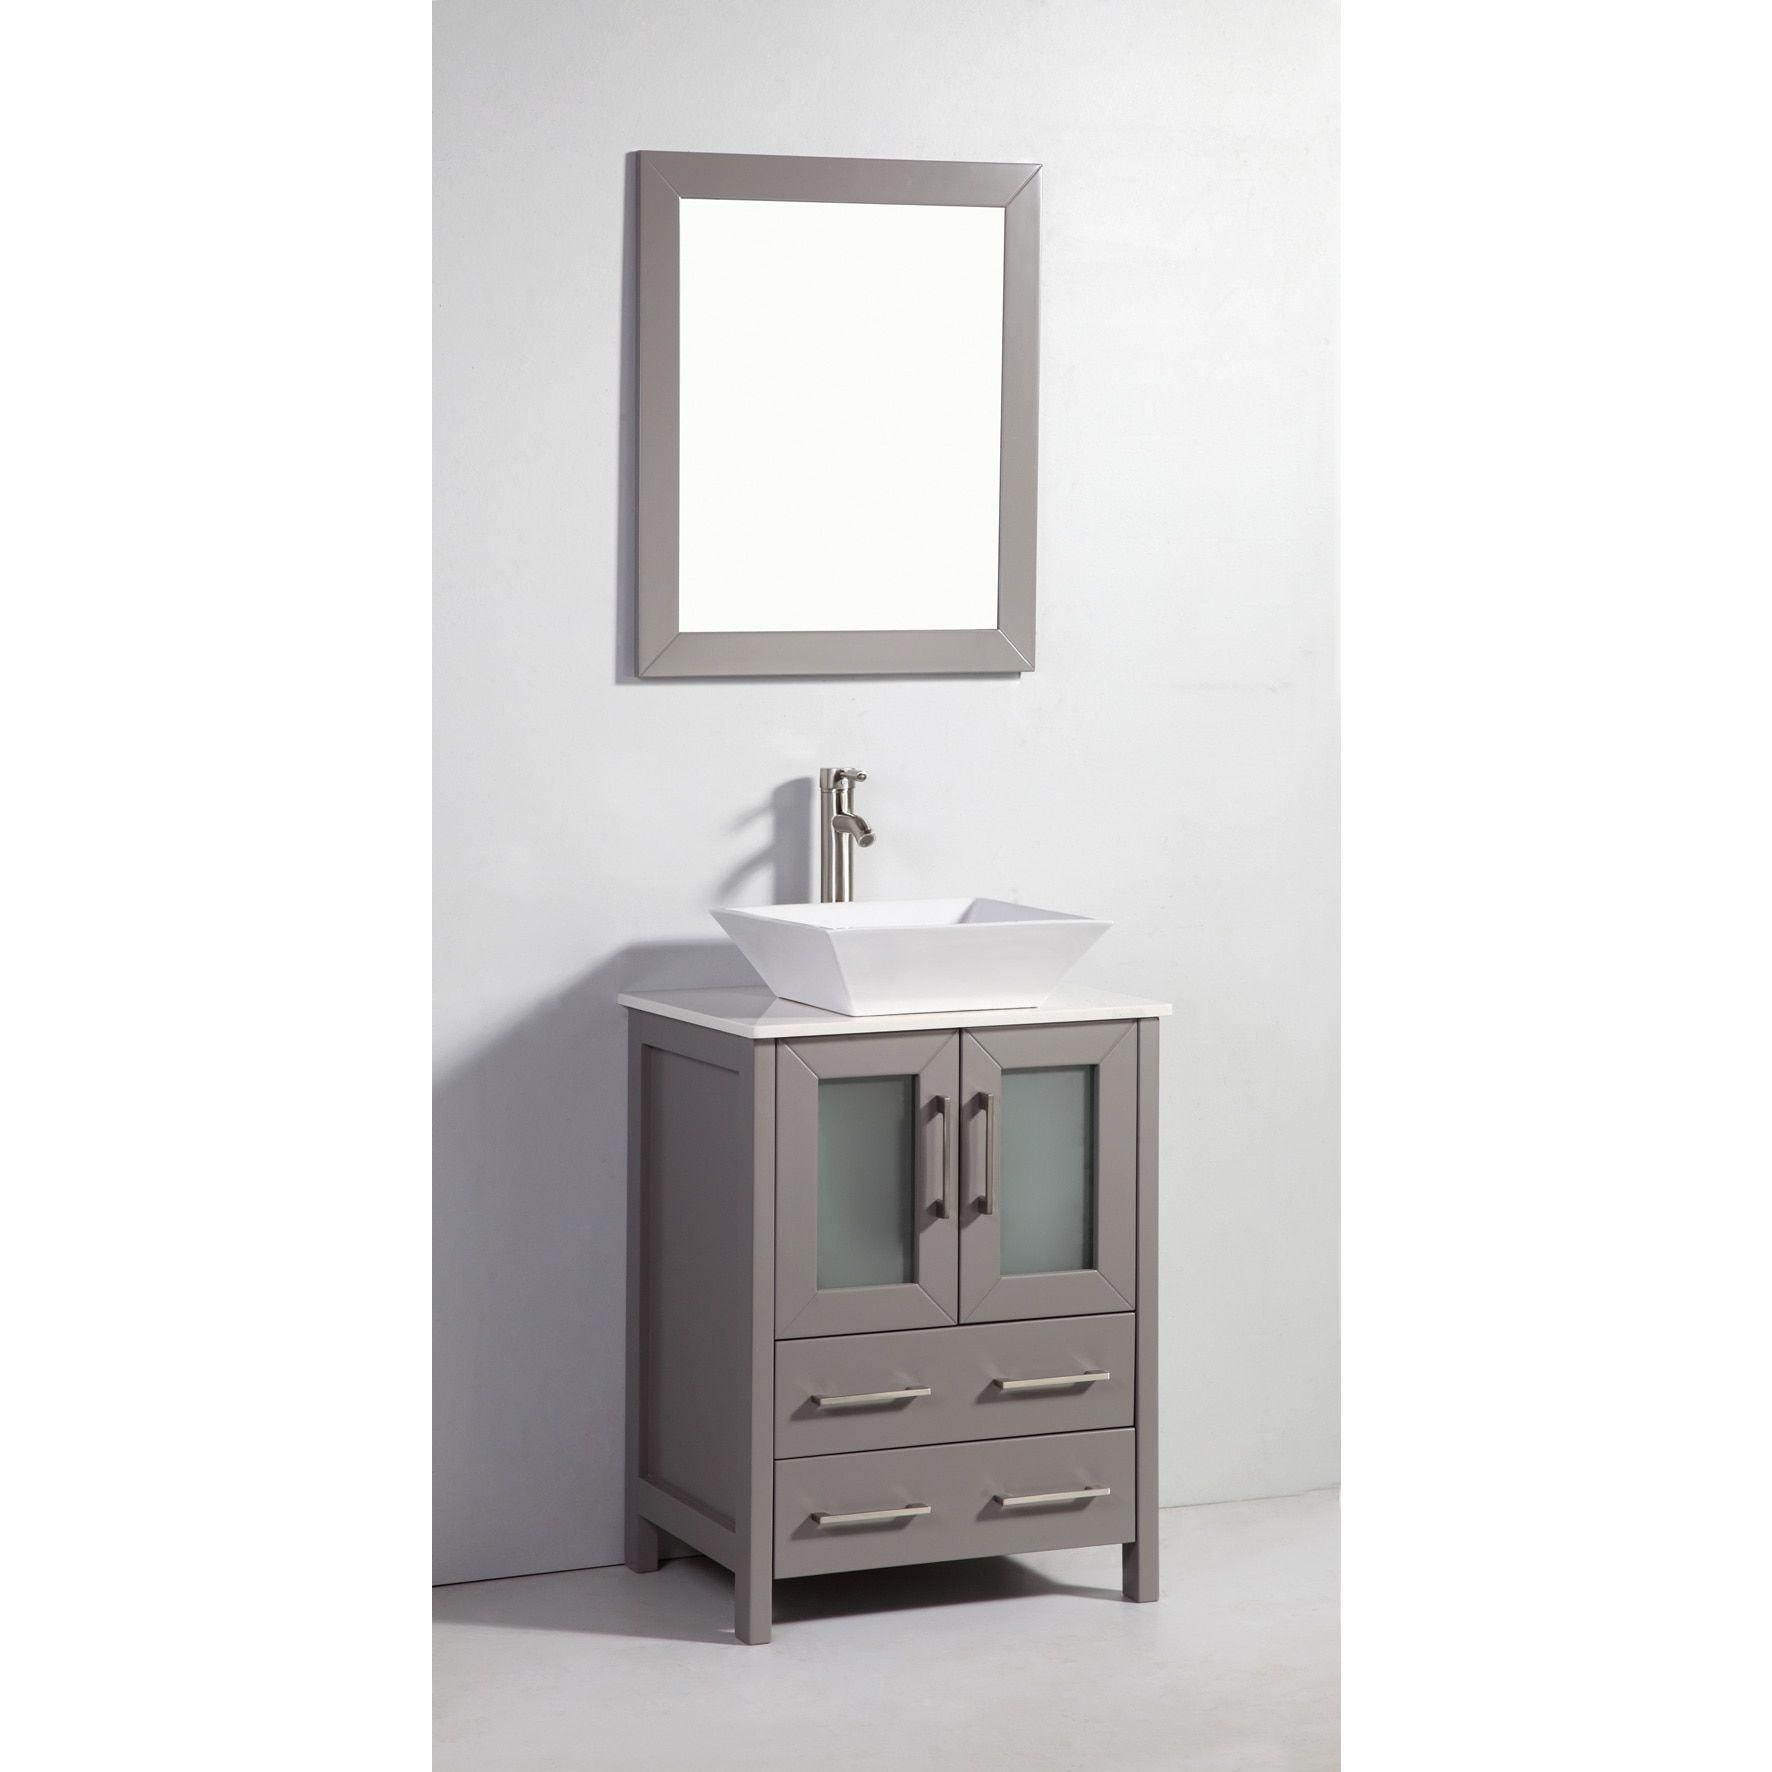 Vanity Art 24 Inch Single Sink Bathroom Vanity Set 2 Drawers 1